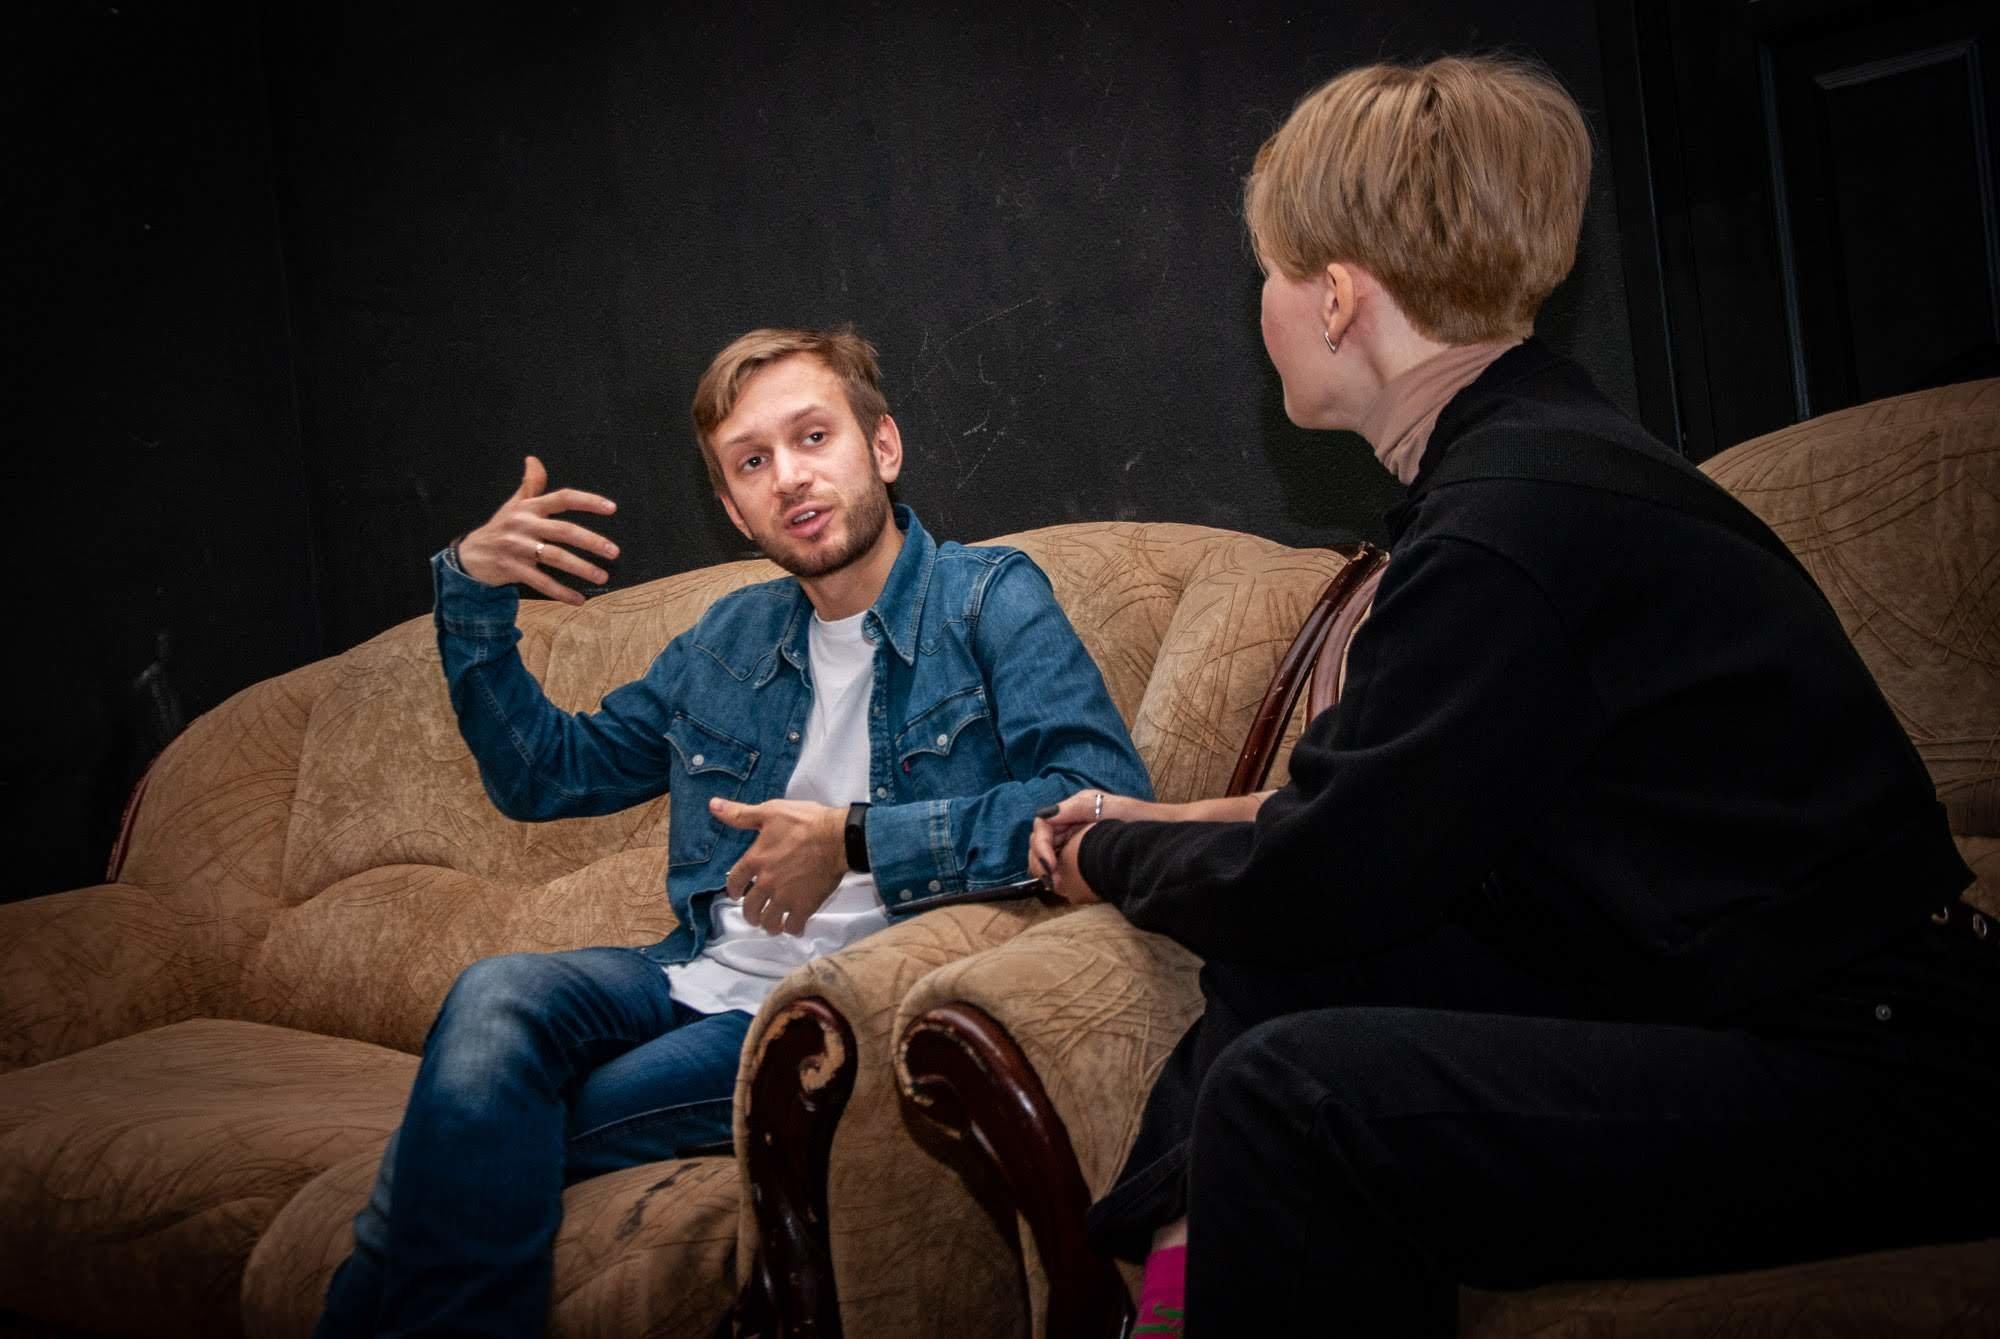 Мы хотим, чтобы наши спектакли приводили к размышлениям: интервью с художественным руководителем Малого театра Дмитрием Весельским